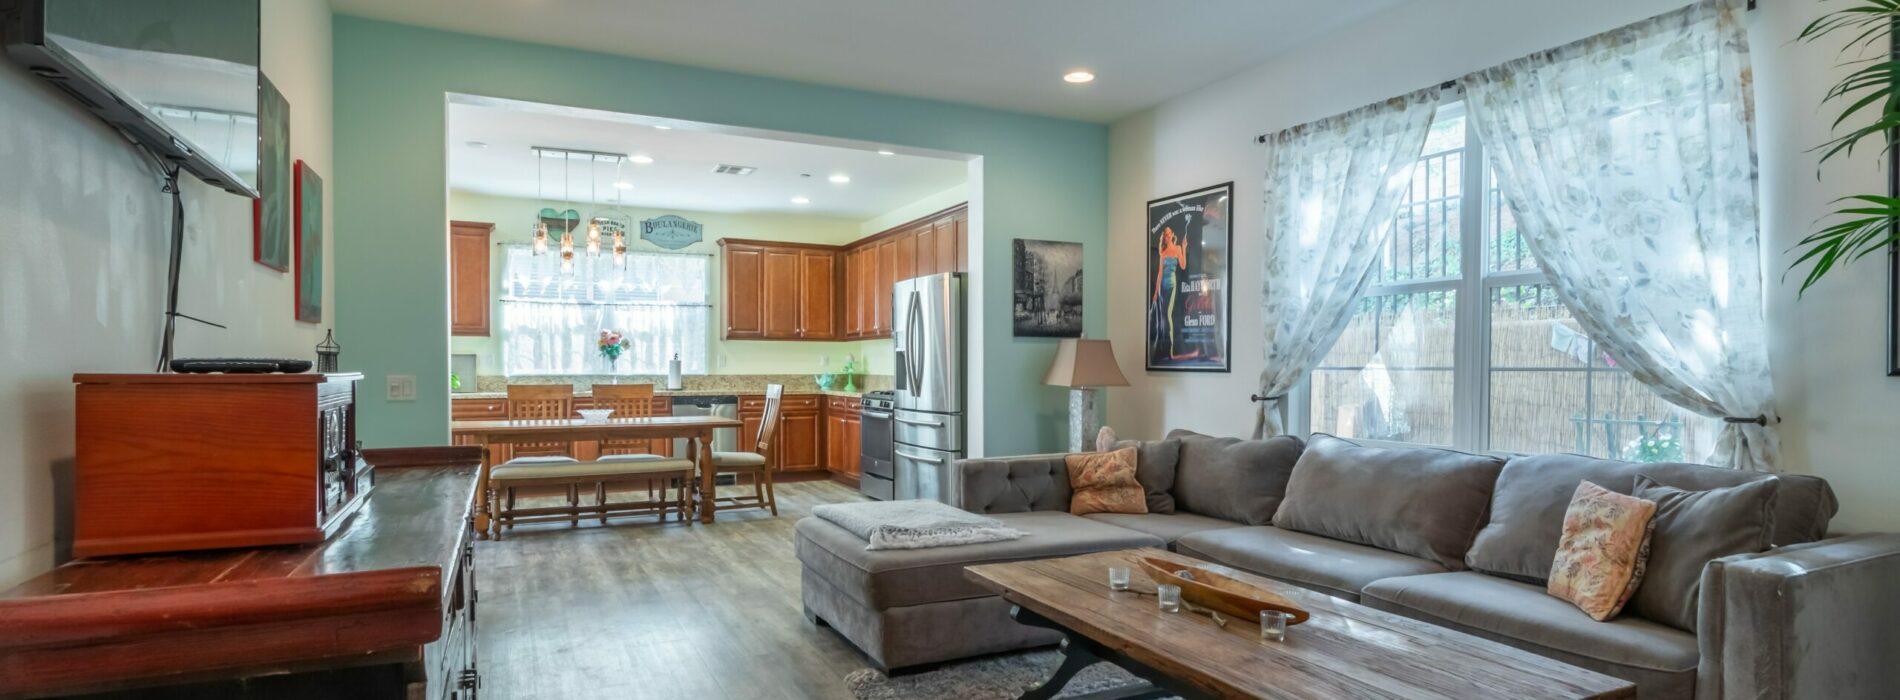 Kolory w salonie – bezpieczne, ciepłe, a może nowoczesne?